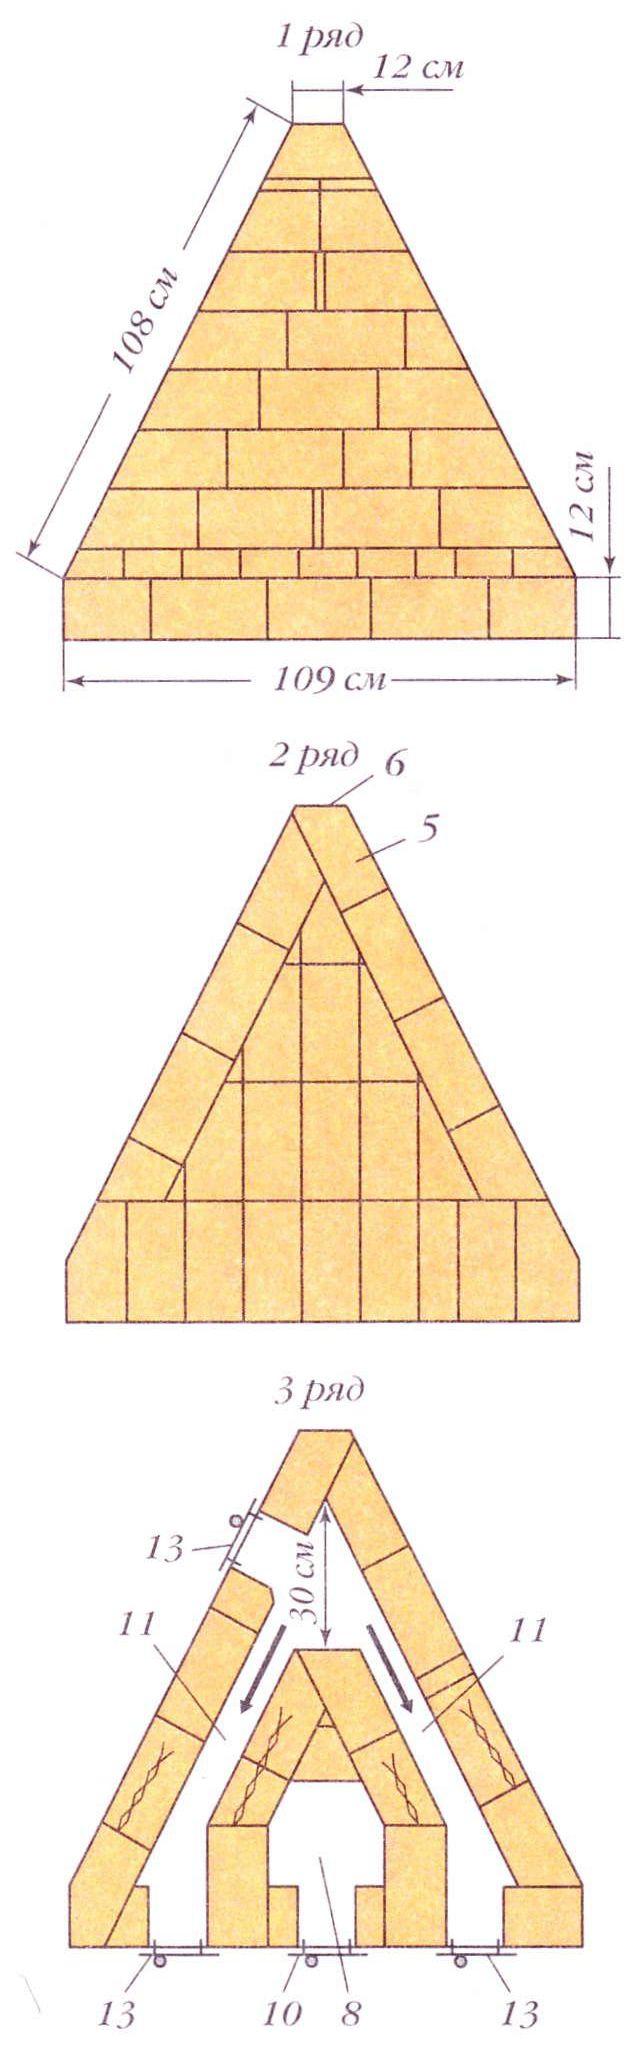 Треугольная печь. Порядовки (ряды 1-3)